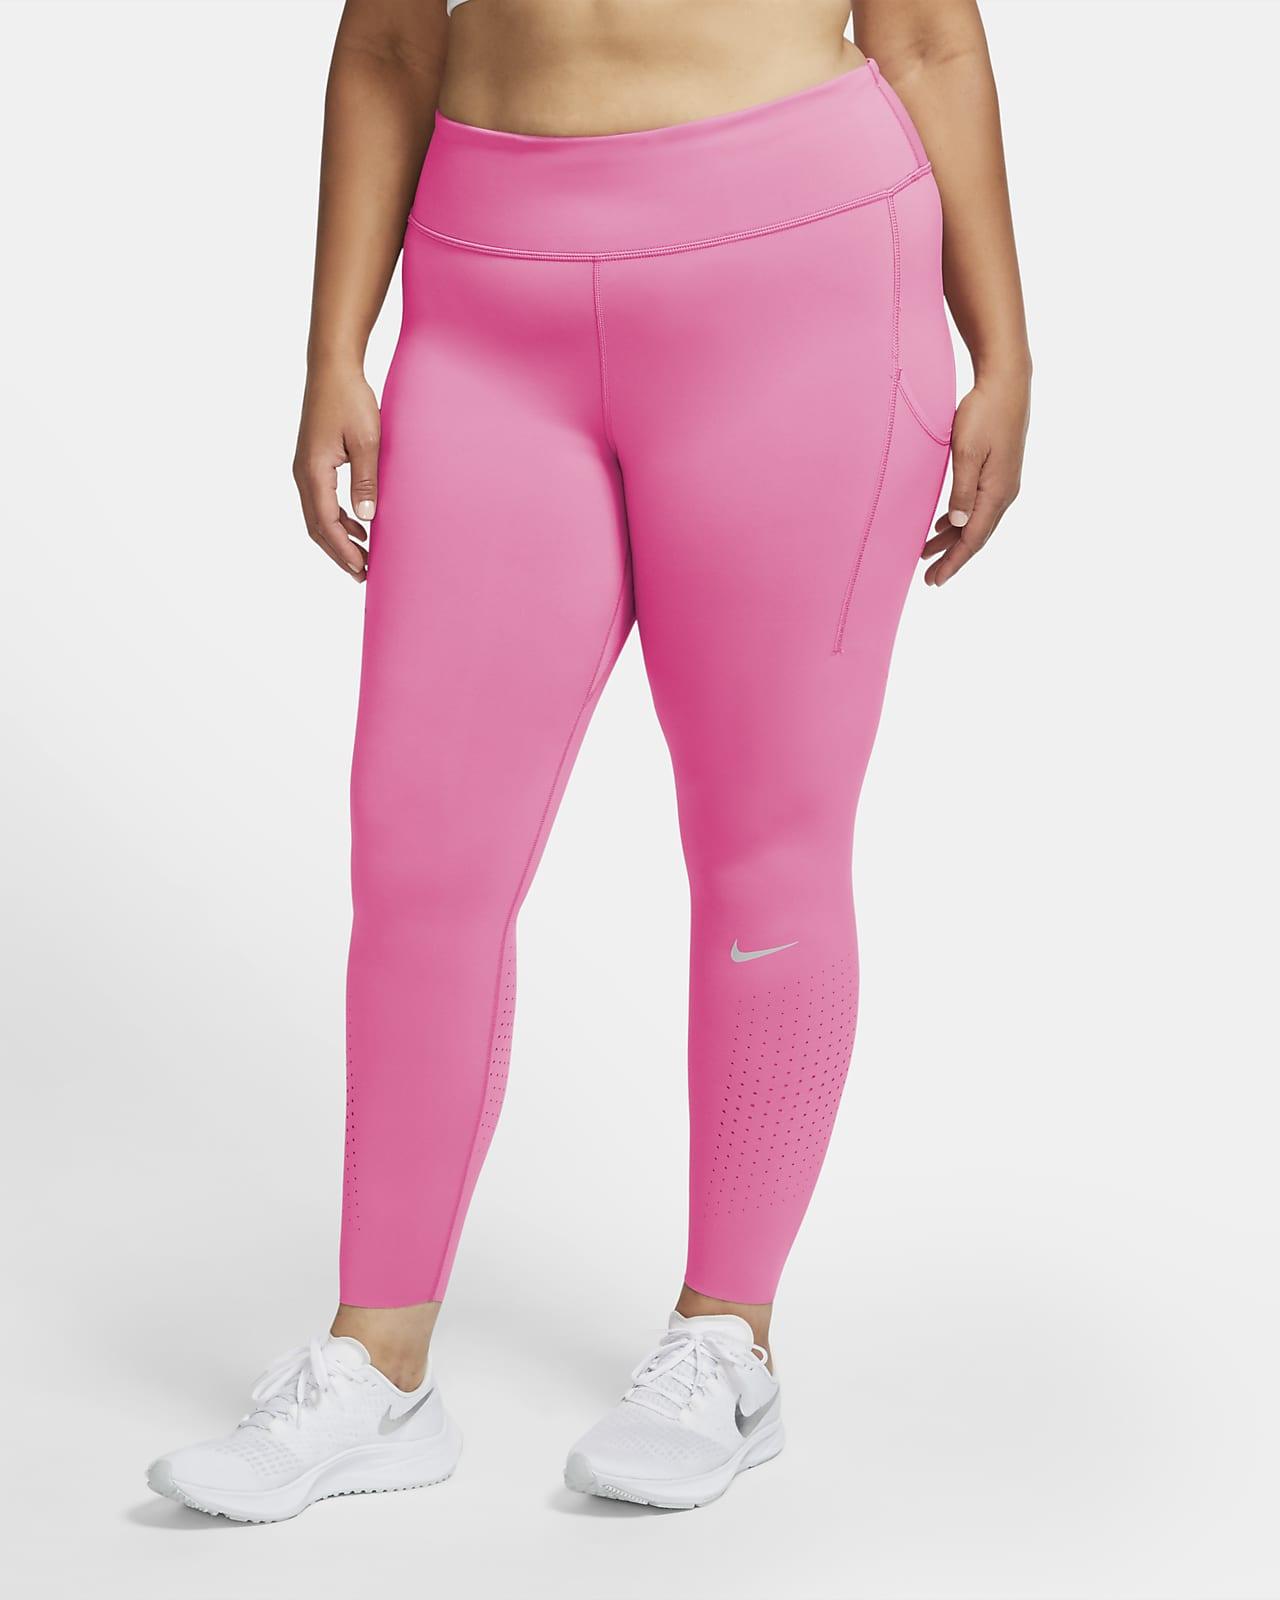 Nike Epic Luxe Normal Belli Cepli Kadın Koşu Taytı (Büyük Beden)